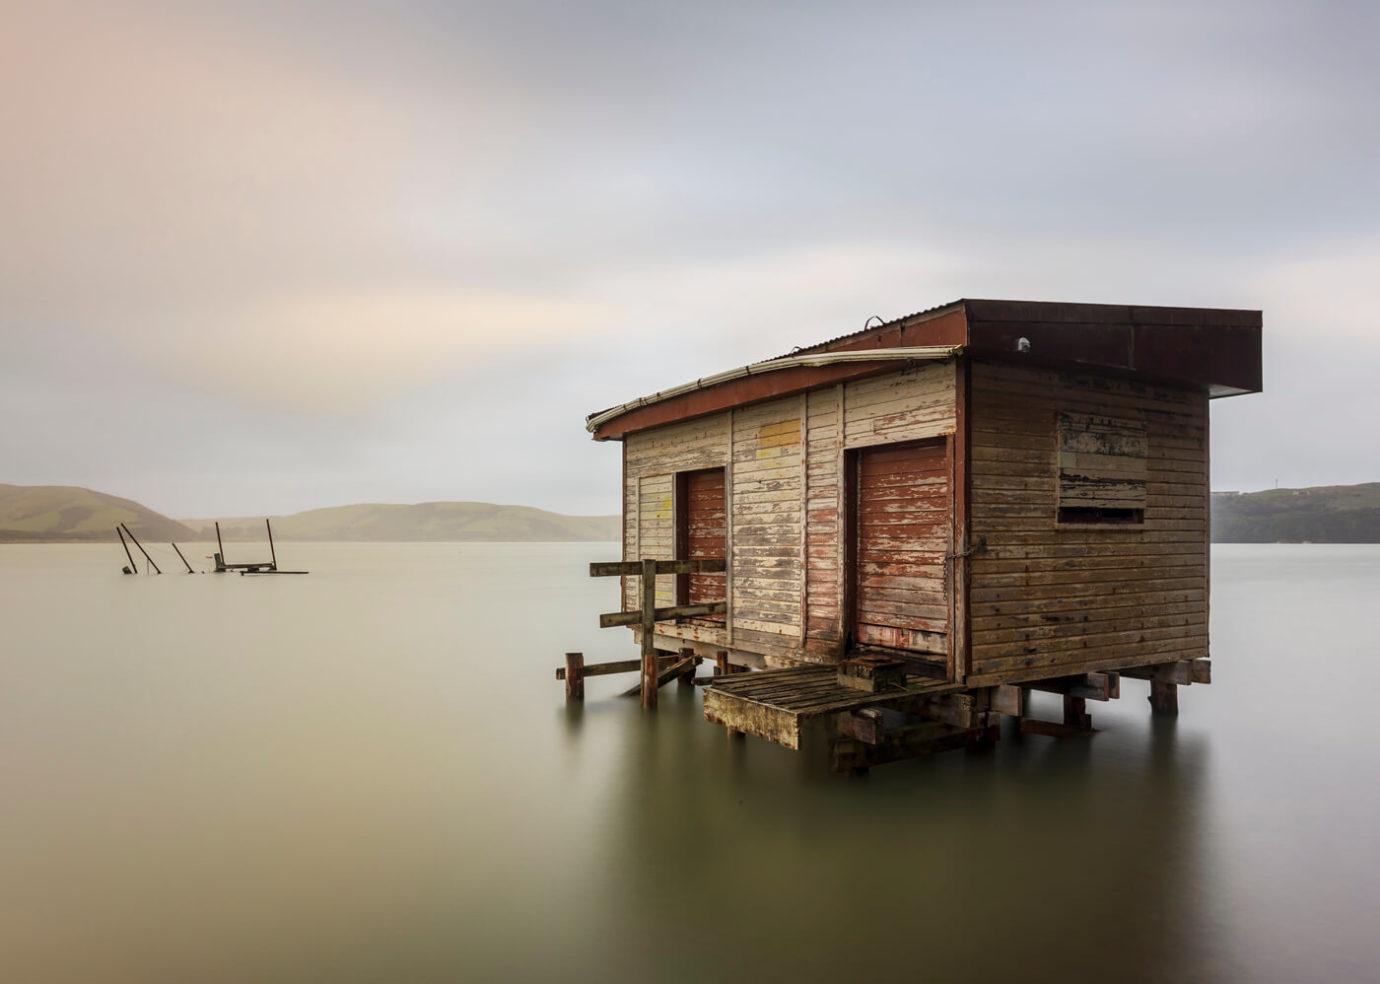 Fisherman's Cabin, Waikawa, New Zealand